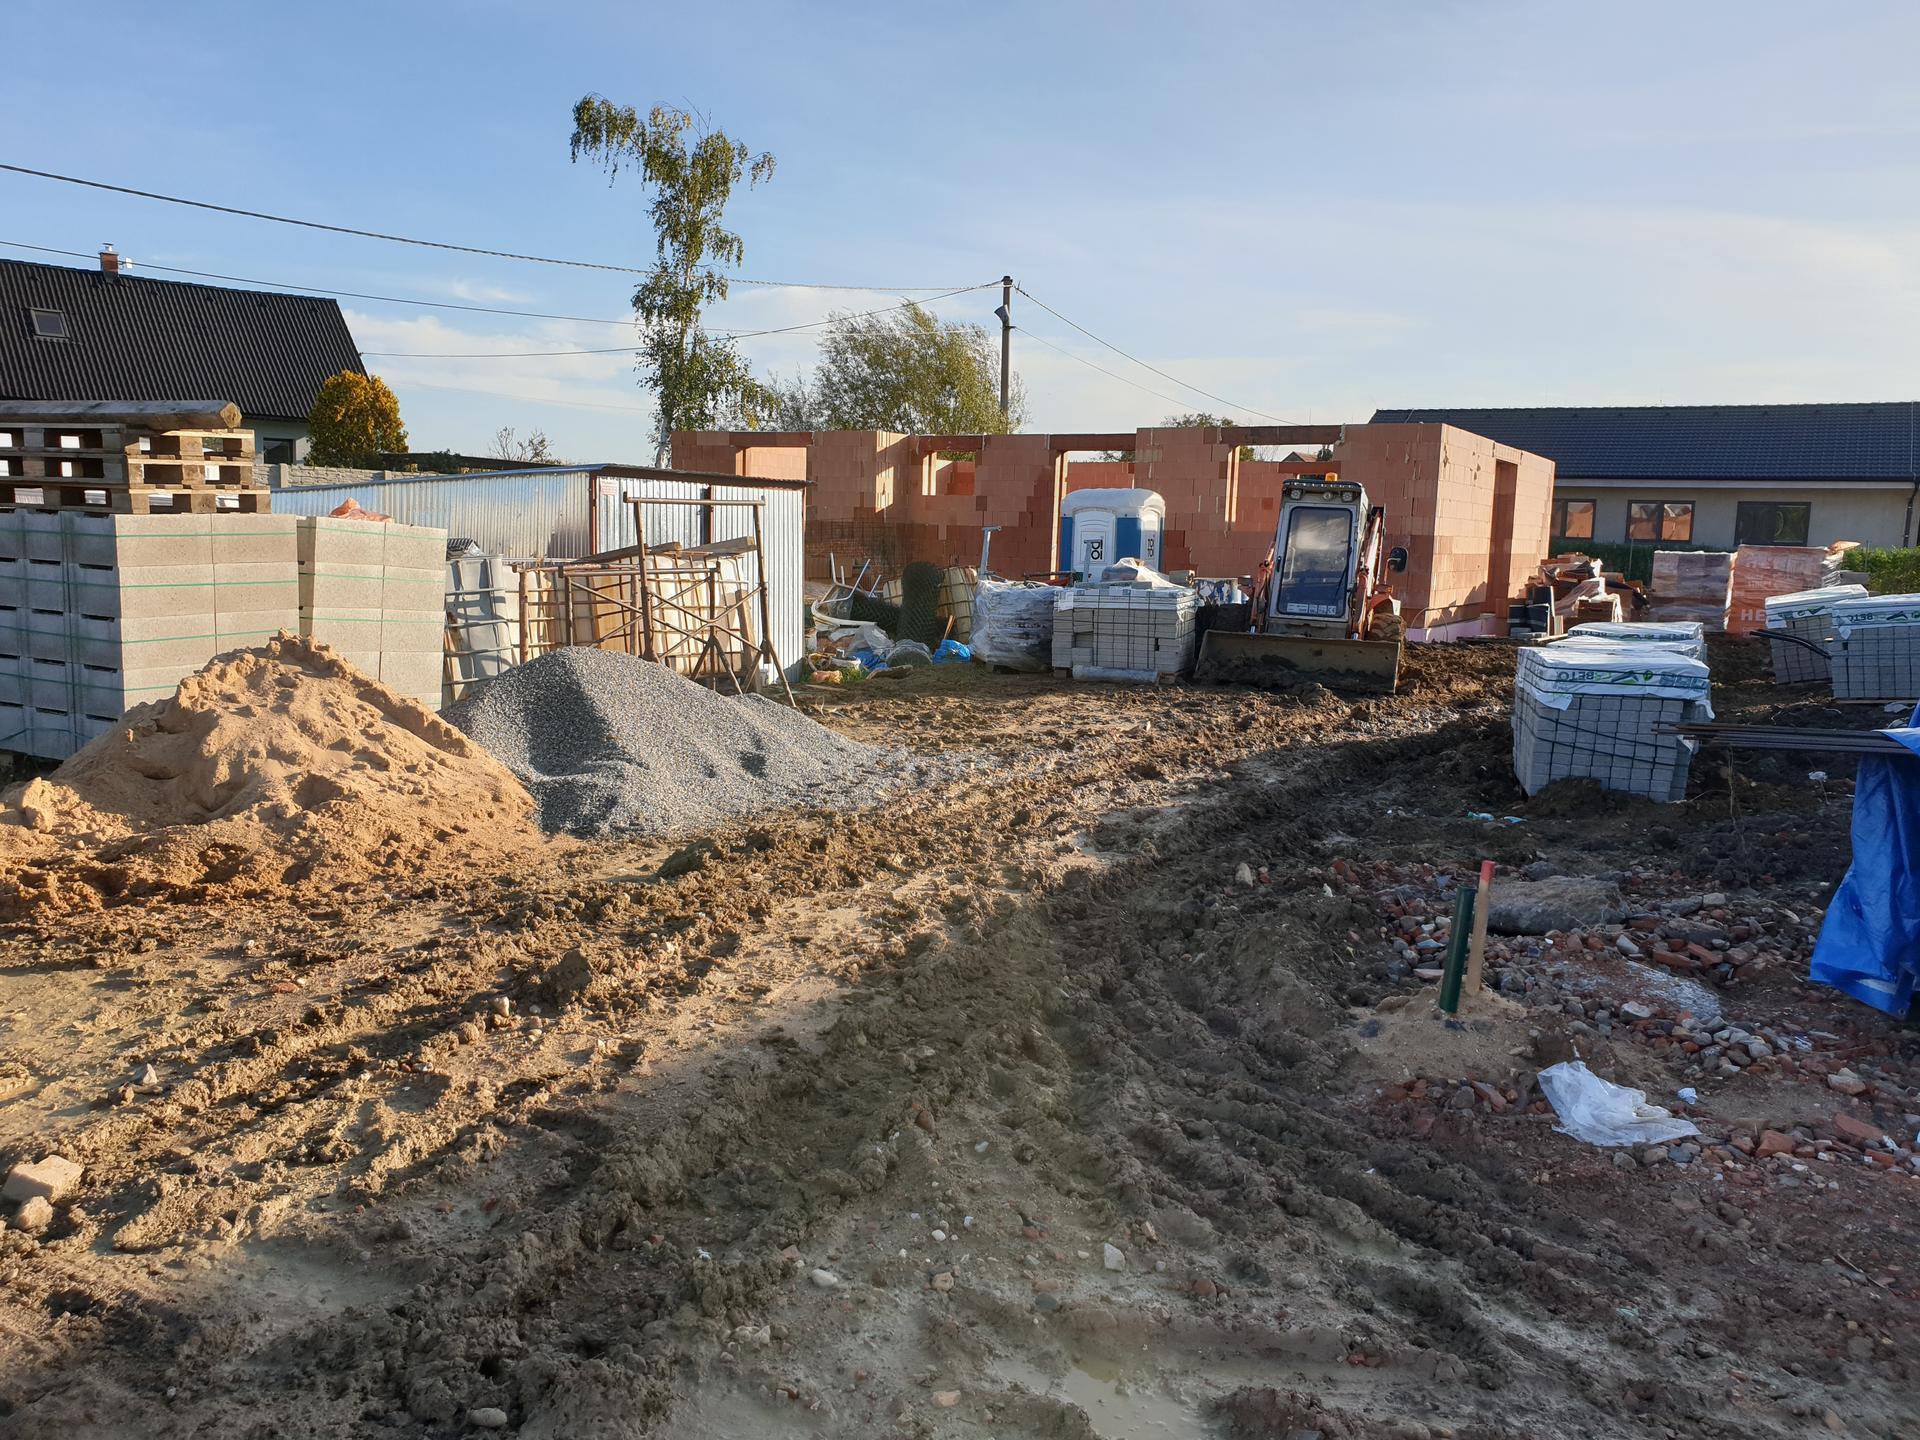 Stěhování na venkov - stavba - Obrázek č. 17